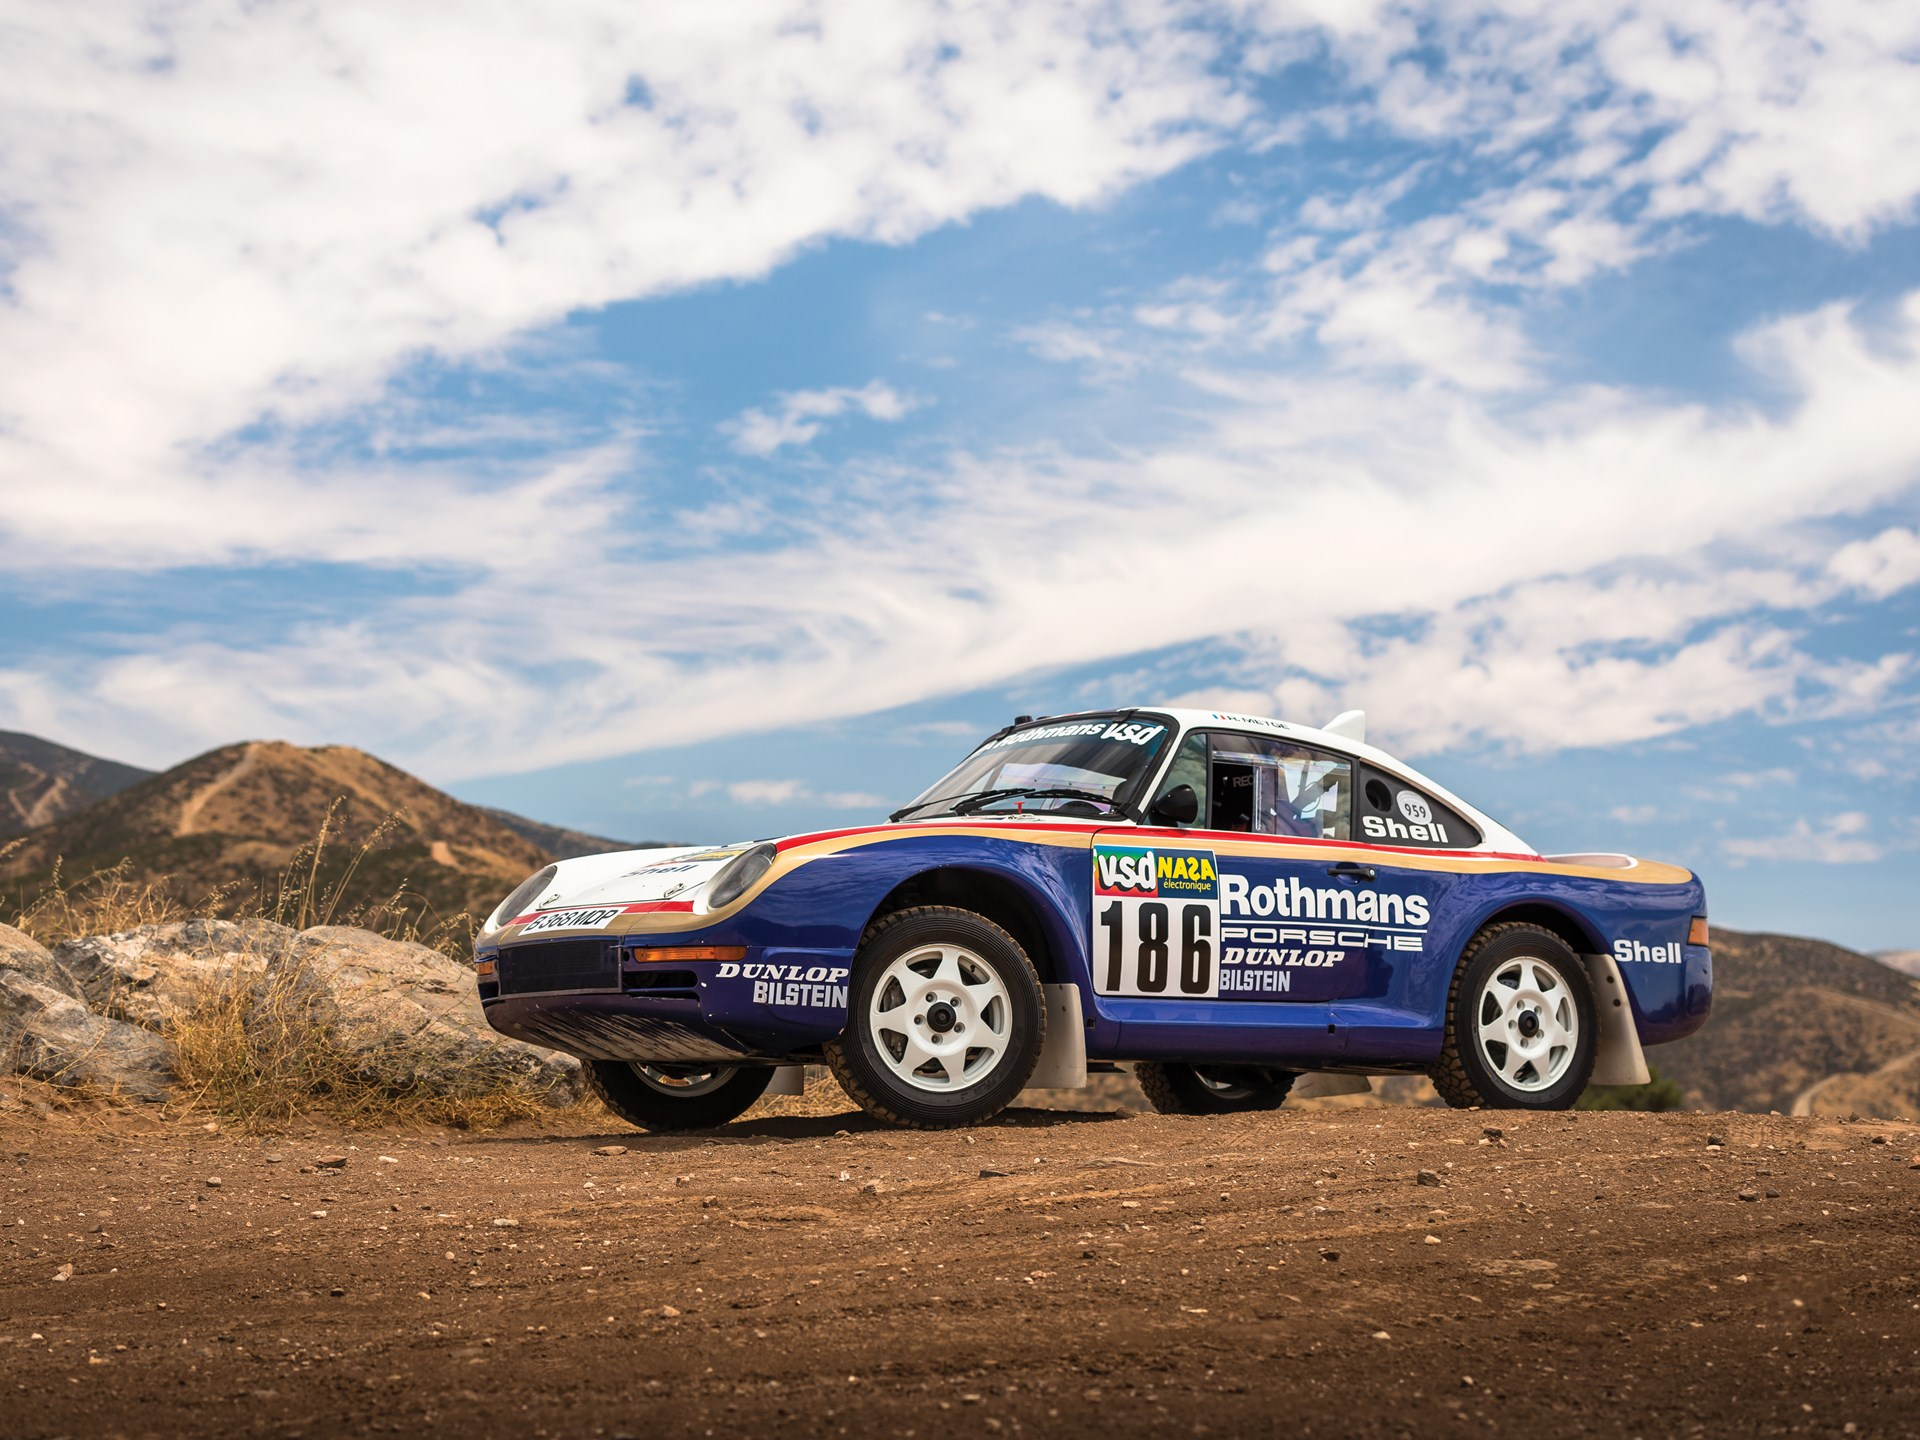 1985 Porsche 959 Paris-Dakar